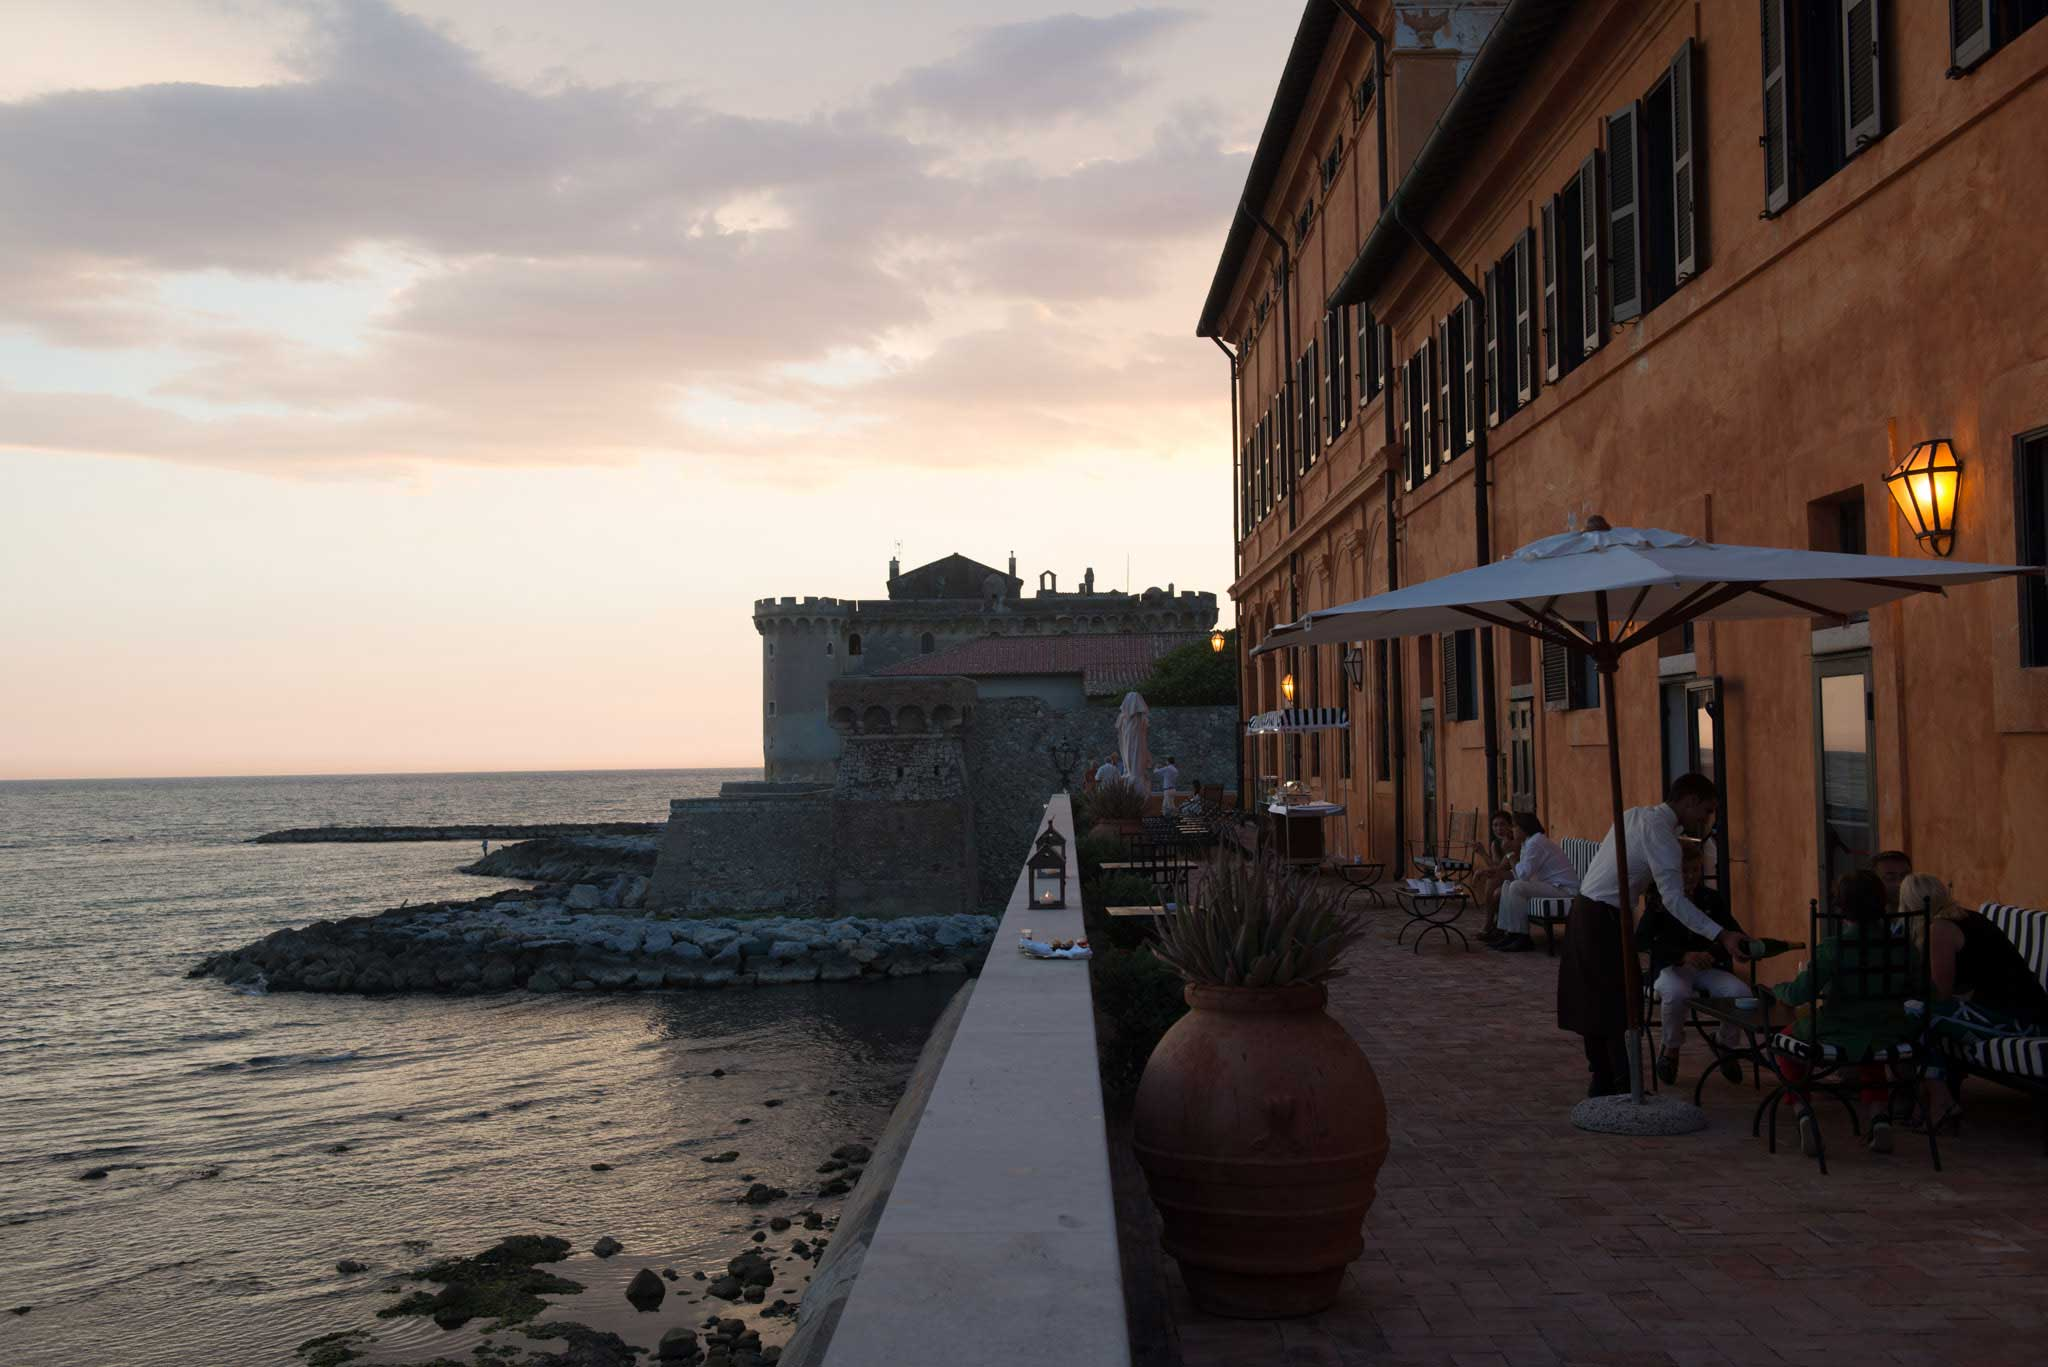 The cesar ristorante che cerca di riprendere la stella for La vecchia roma ristorante roma